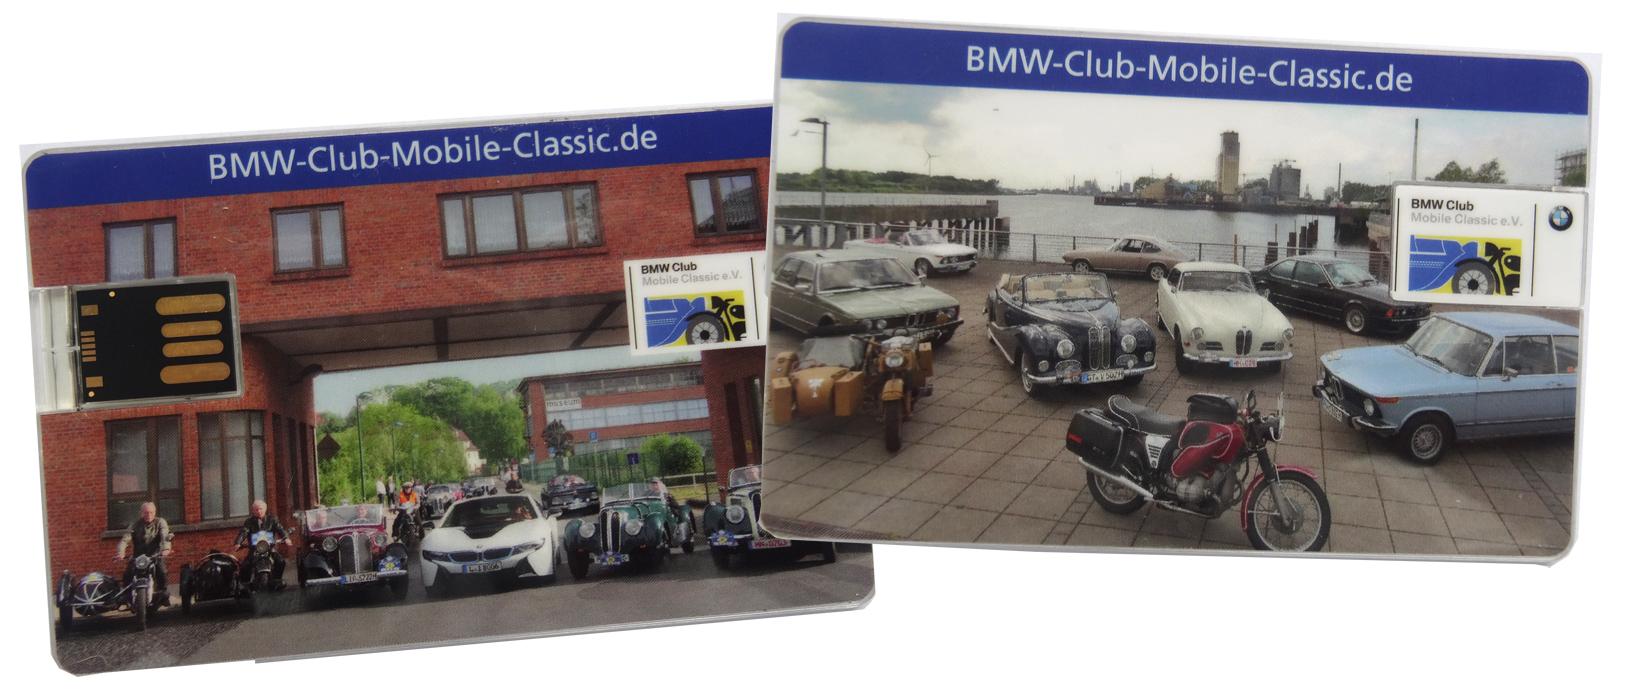 USB Speicehrkarte BMW Club Mobile Classic e.V.